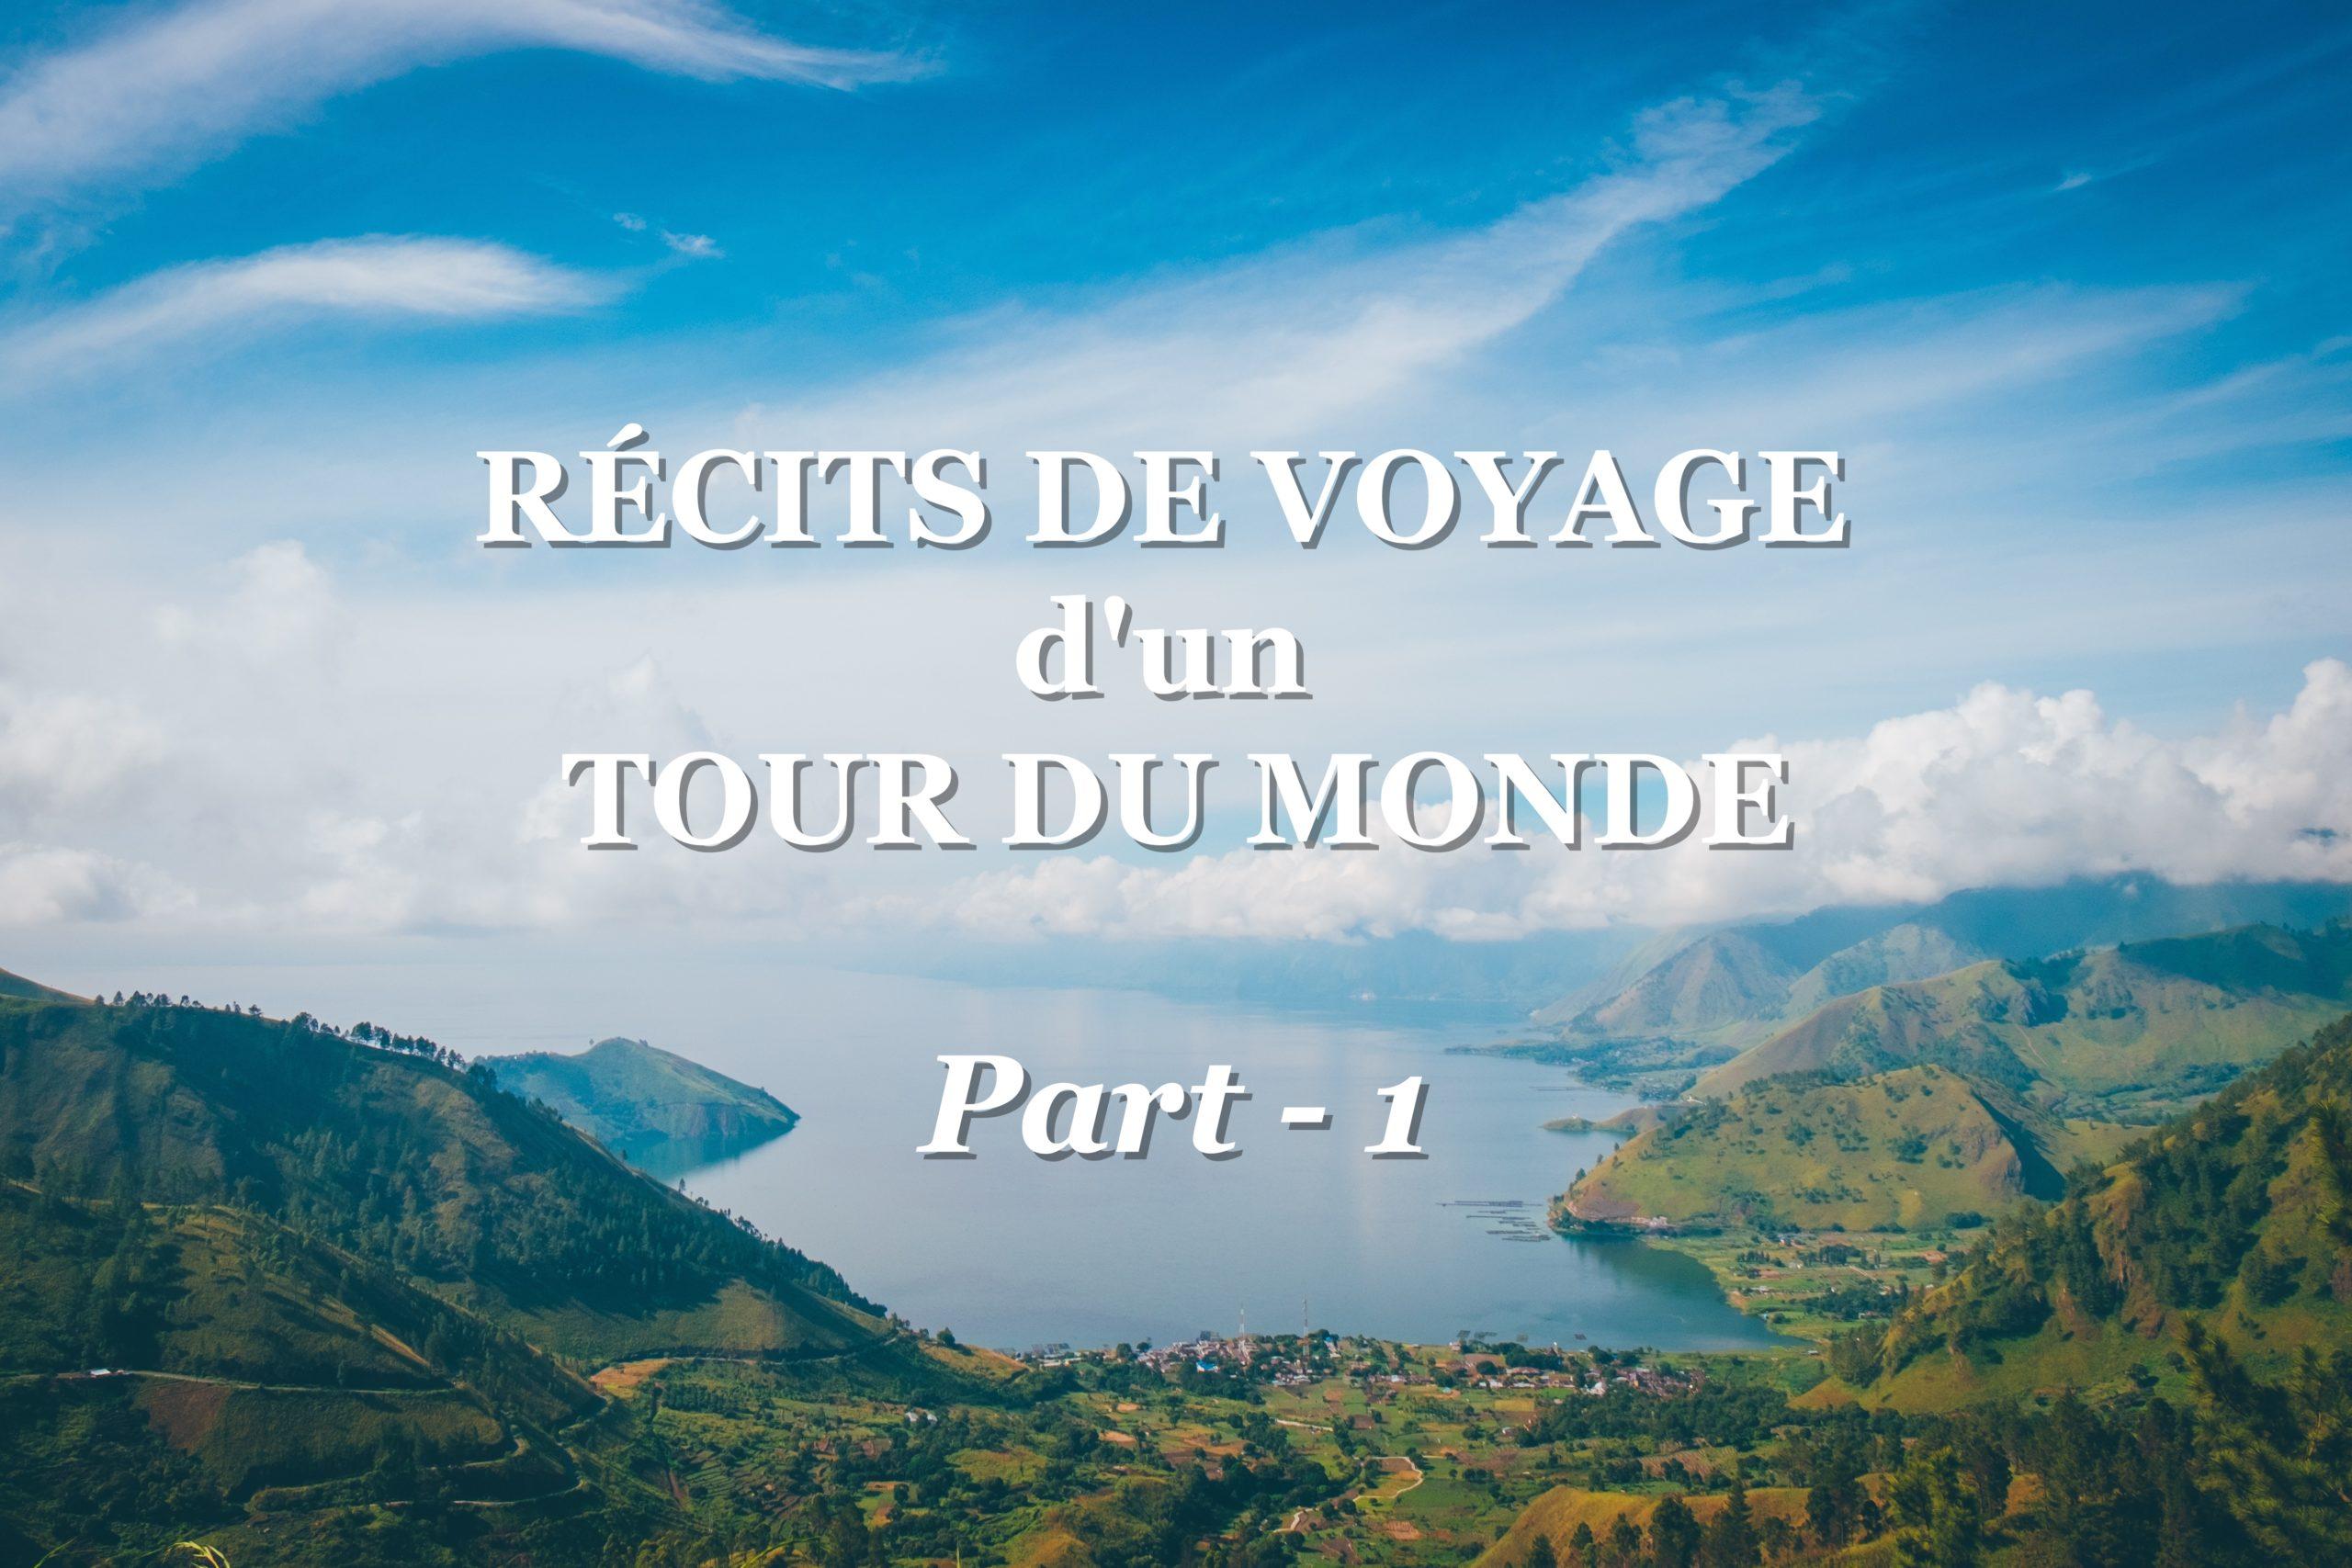 les meilleurs récits de voyage part 1